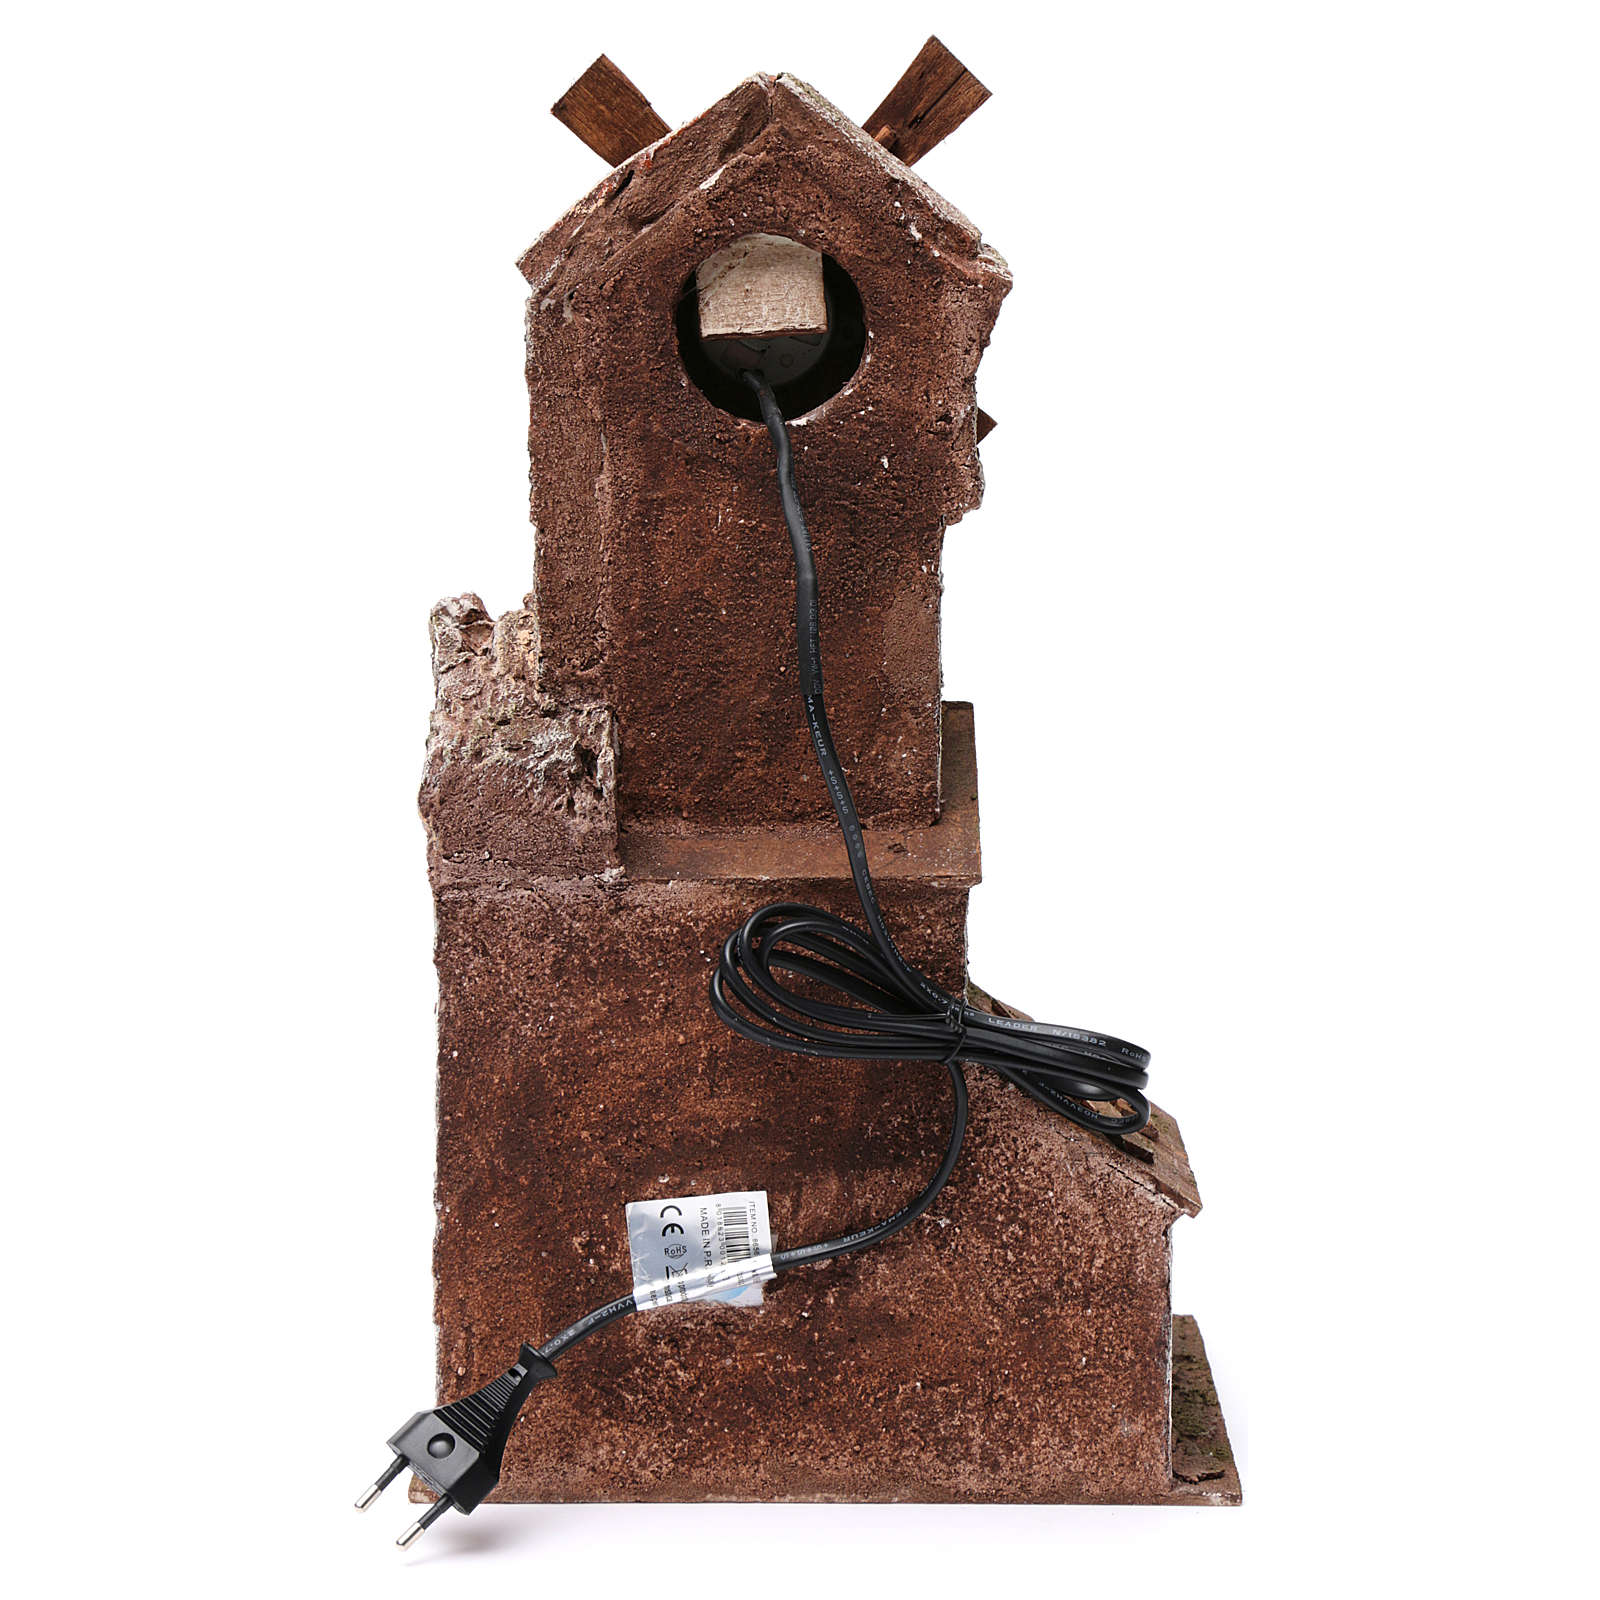 Molino para belén cuatro hélices con casita con puerta con dos hojas y pala 45x20x25 cm 4